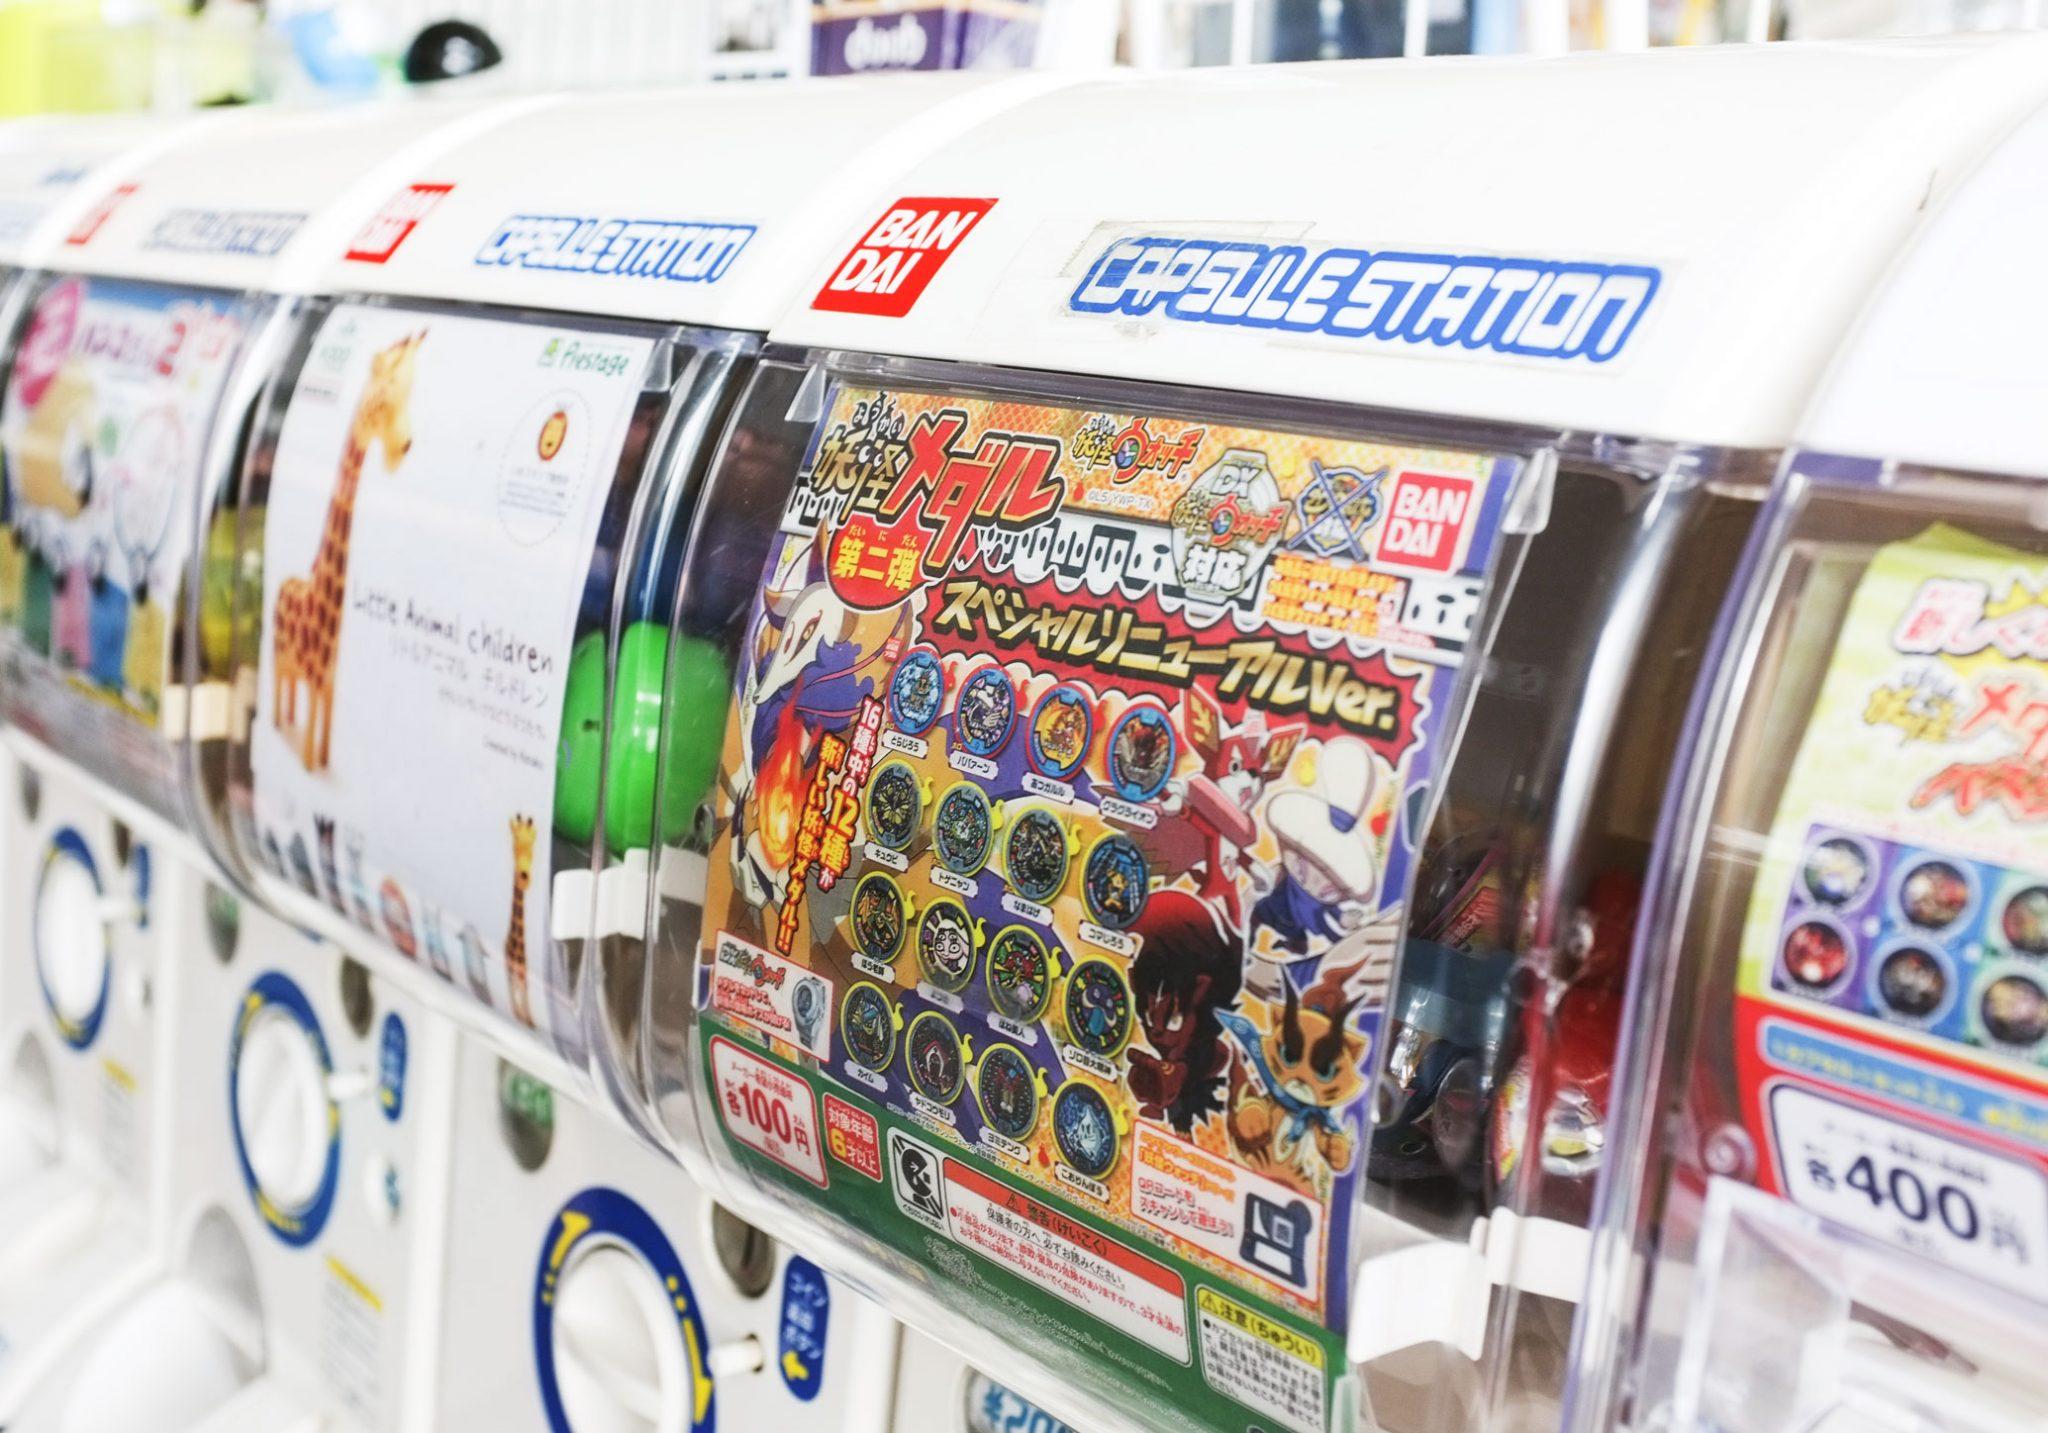 Automaatti, jossa on animehahmojen figuureita